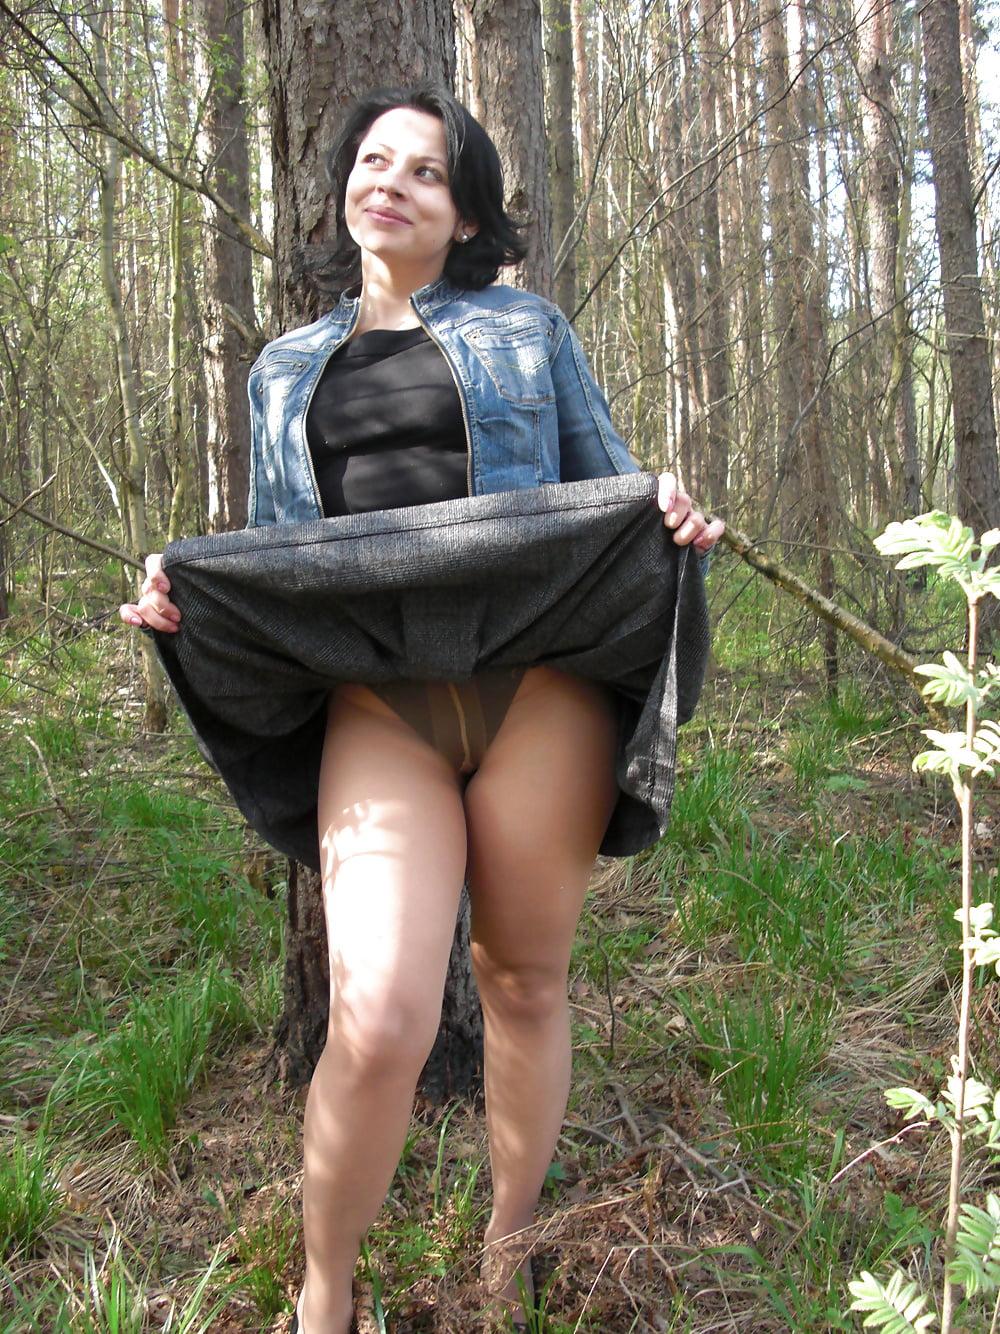 Короткие ролики дамы задирают юбку — photo 11